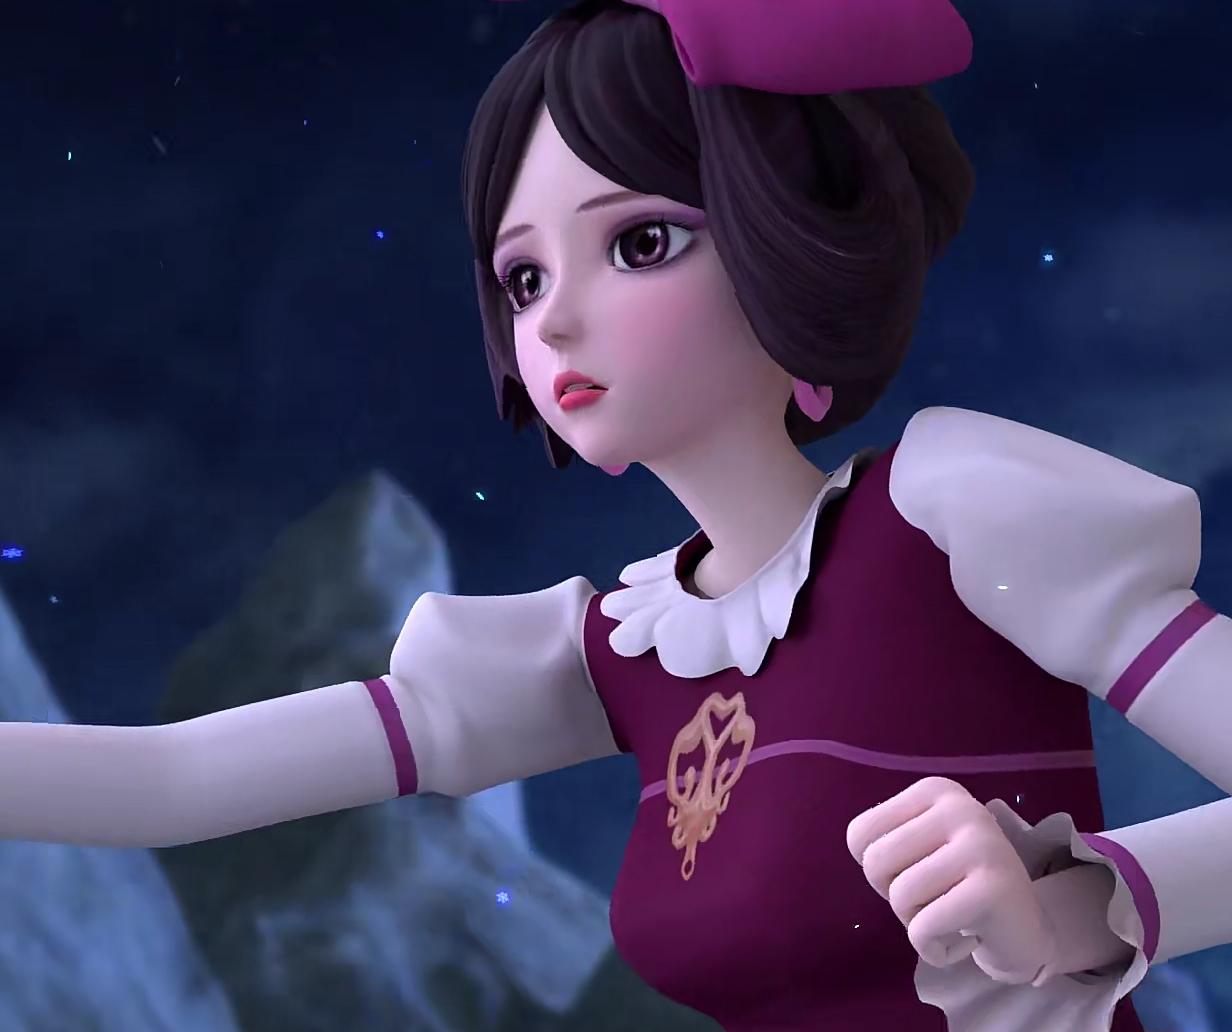 叶罗丽:孔雀也是公主?辛灵仙子这两句话都被我们忽略了图片